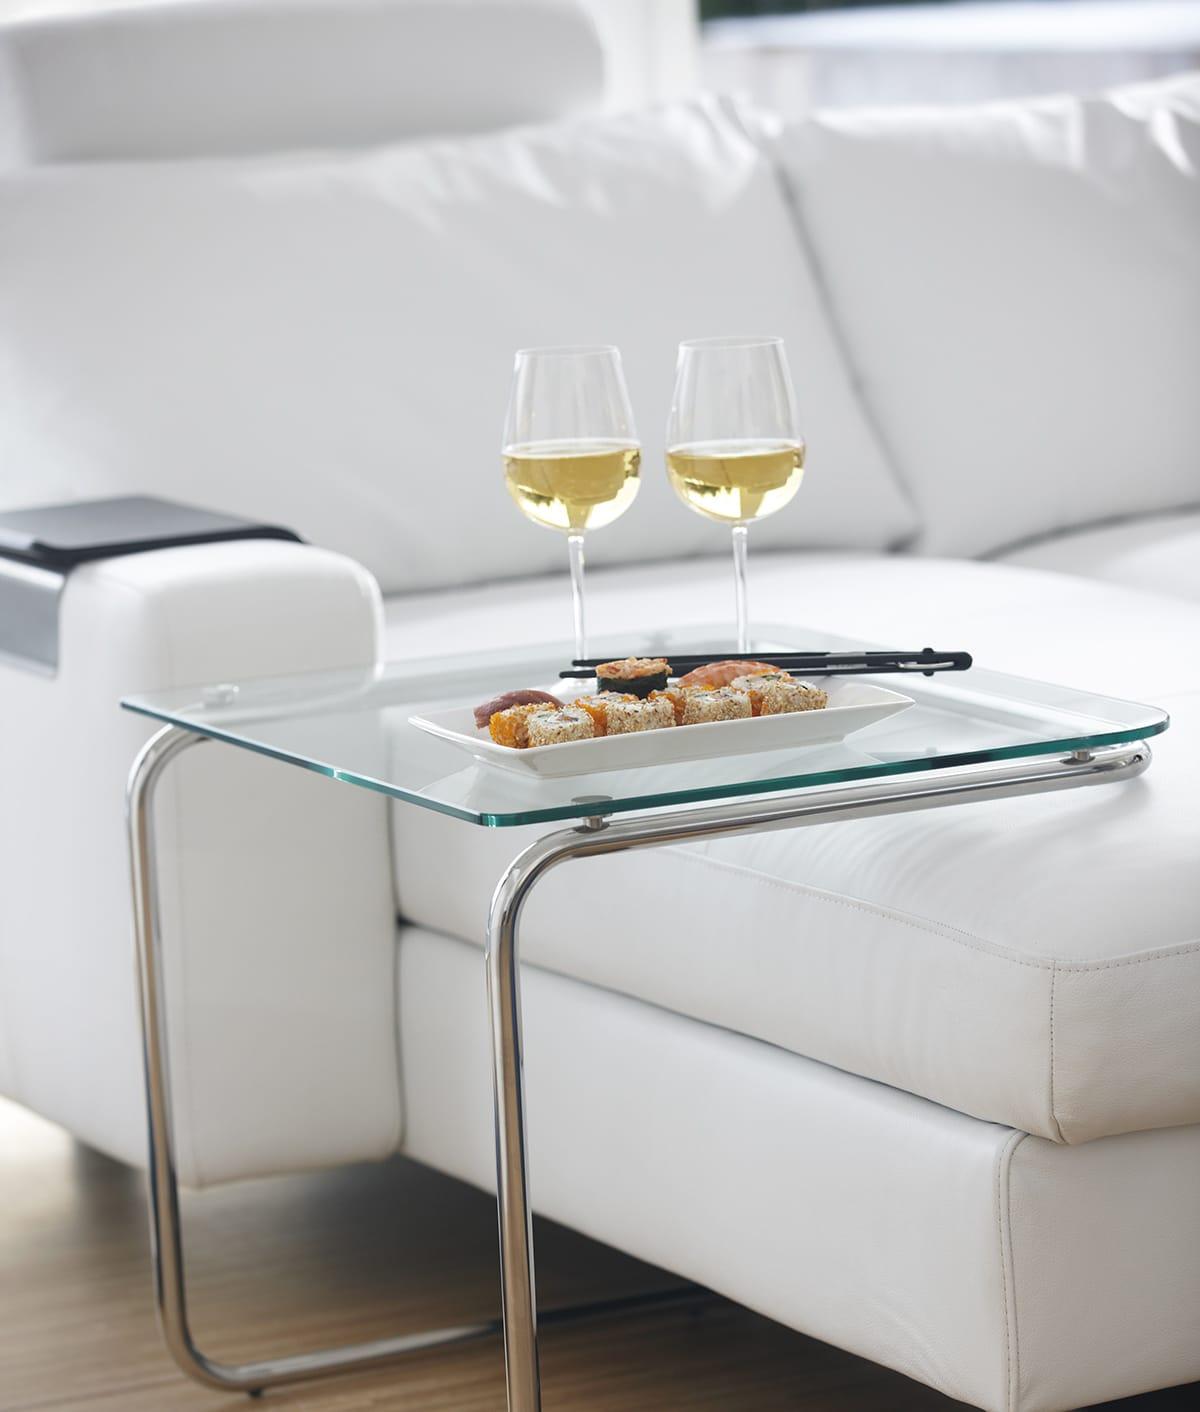 Nehmt euch für eure Zeit zu zweit etwas Schönes vor oder entspannt auf eurem Stressless Sofa.